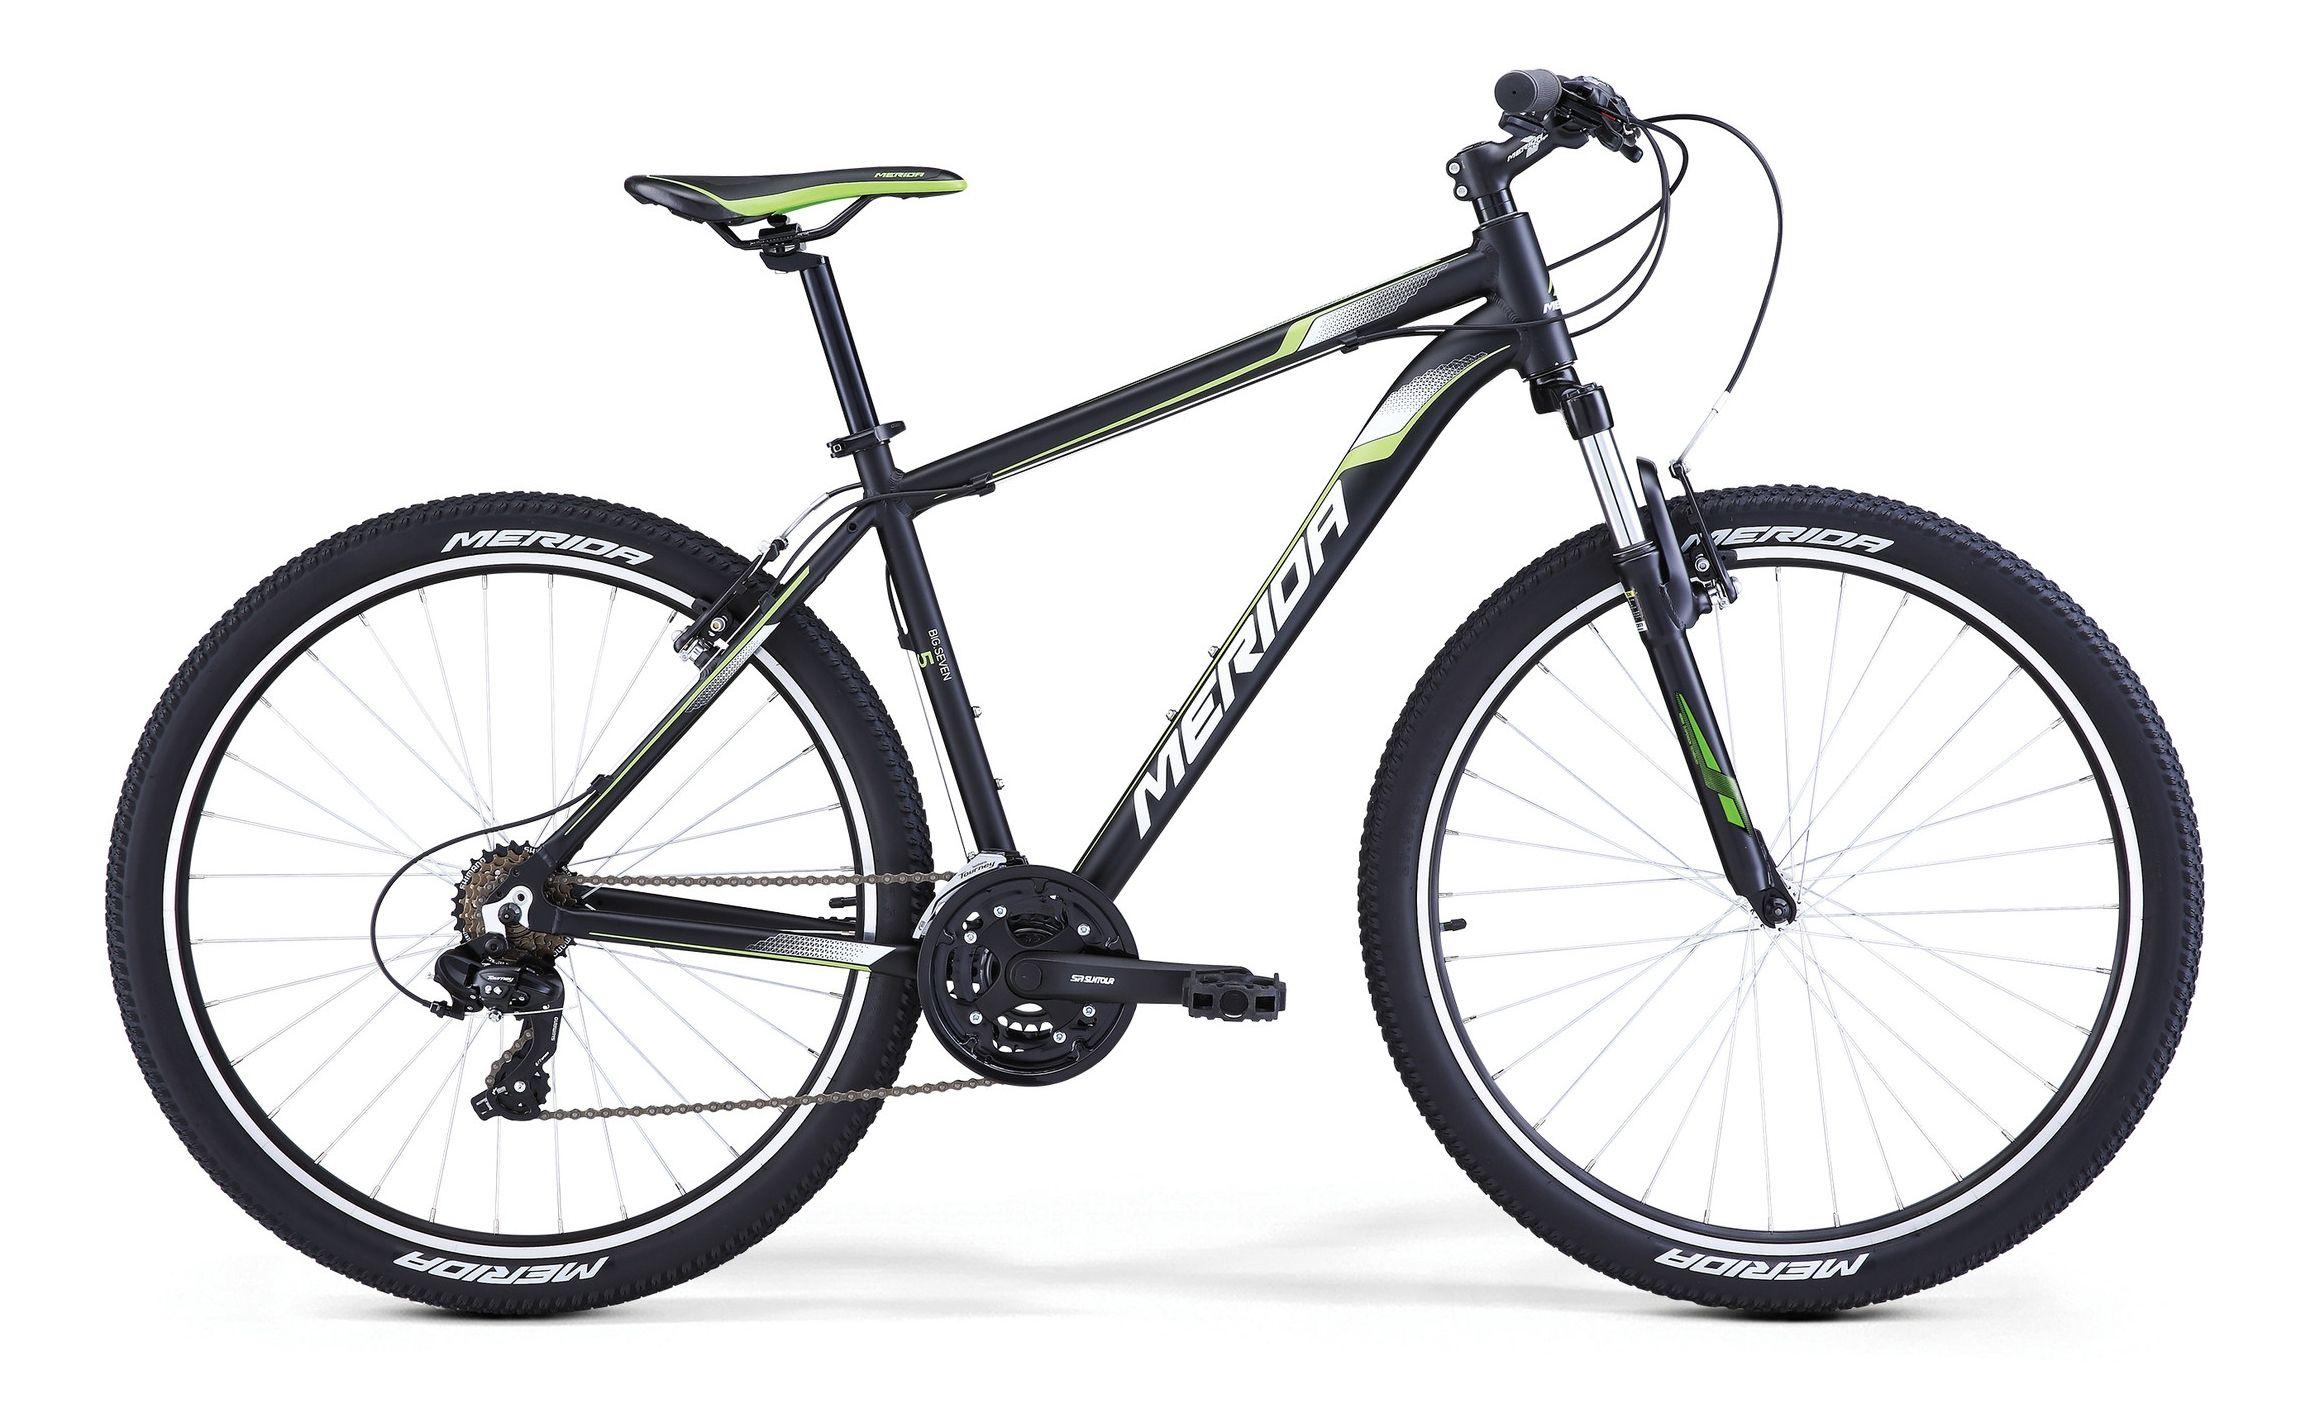 Велосипед Merida Big.Seven 5-V 2017 велосипед merida scultura team 2016 page 5